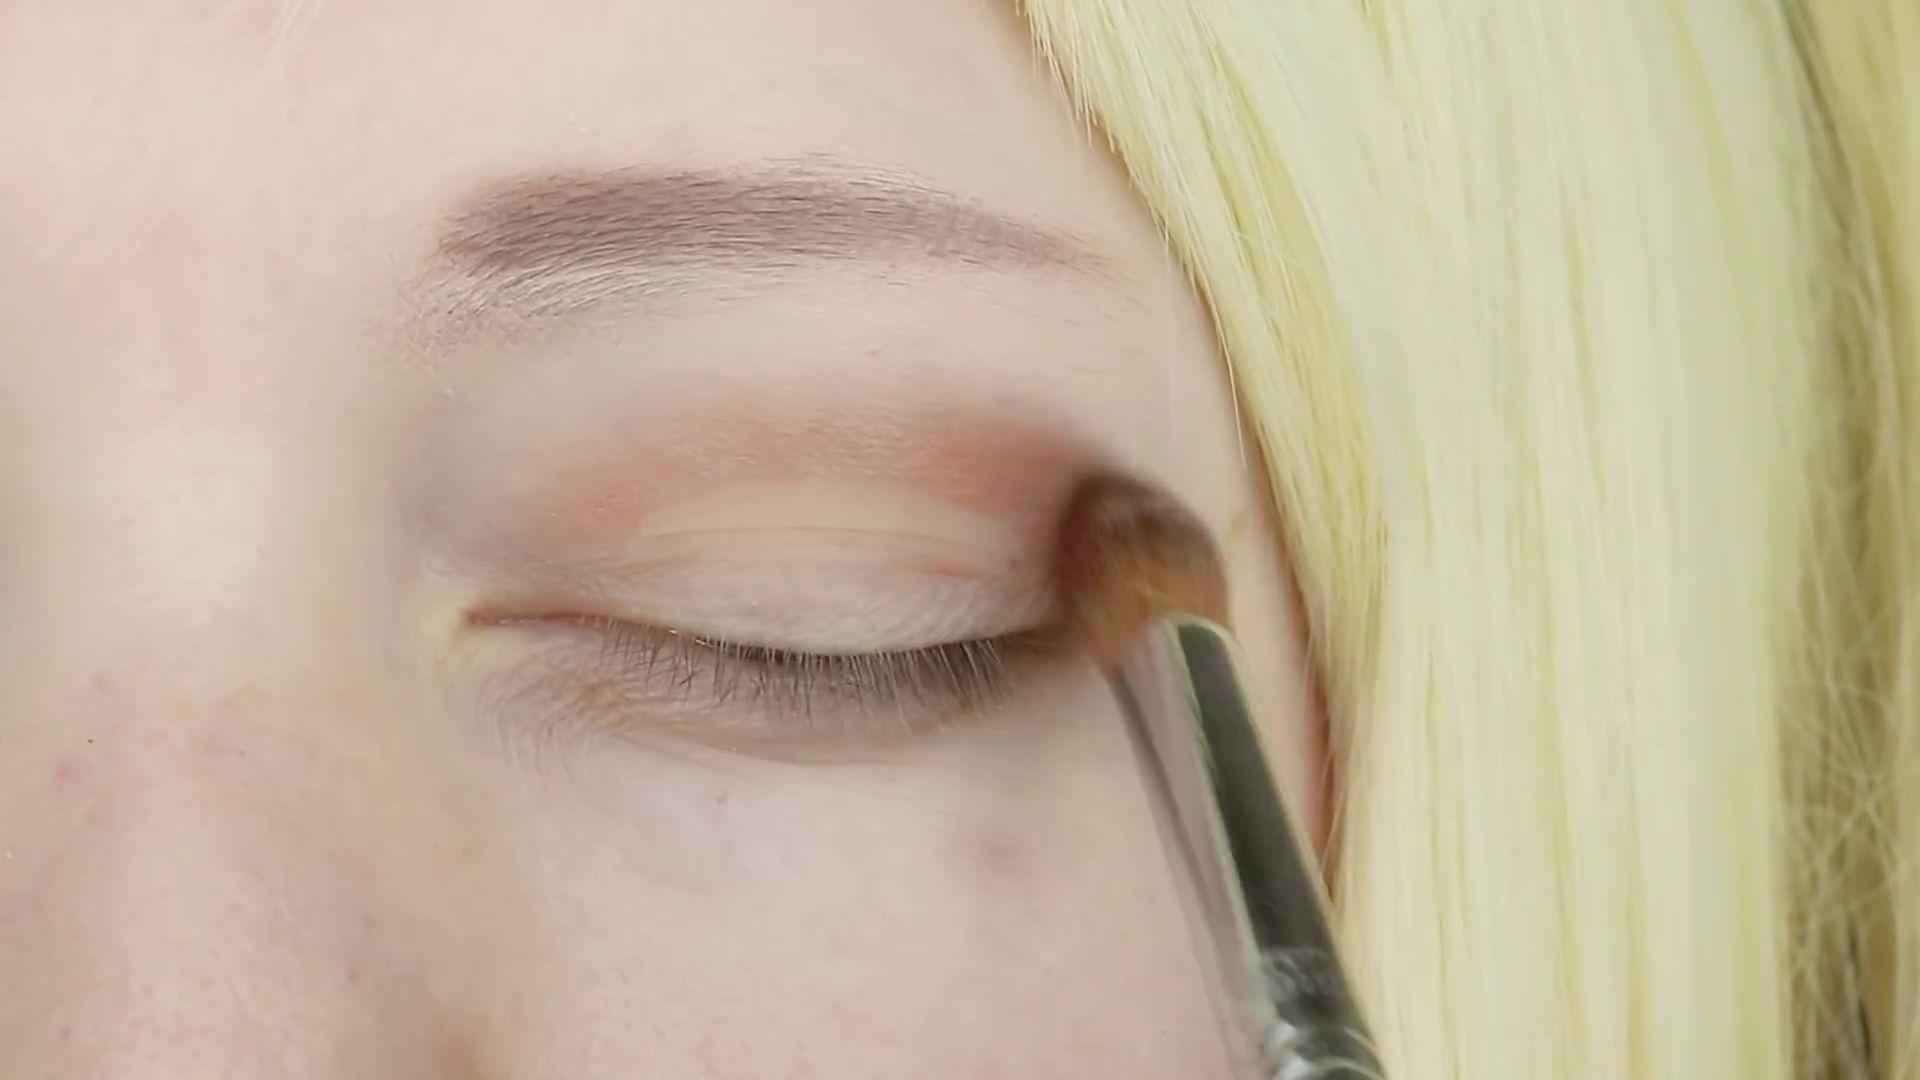 Misa Amane Cosplay DIY en 9 pasos: Sombra shimmer de color marrón sobre la cuenca del ojo